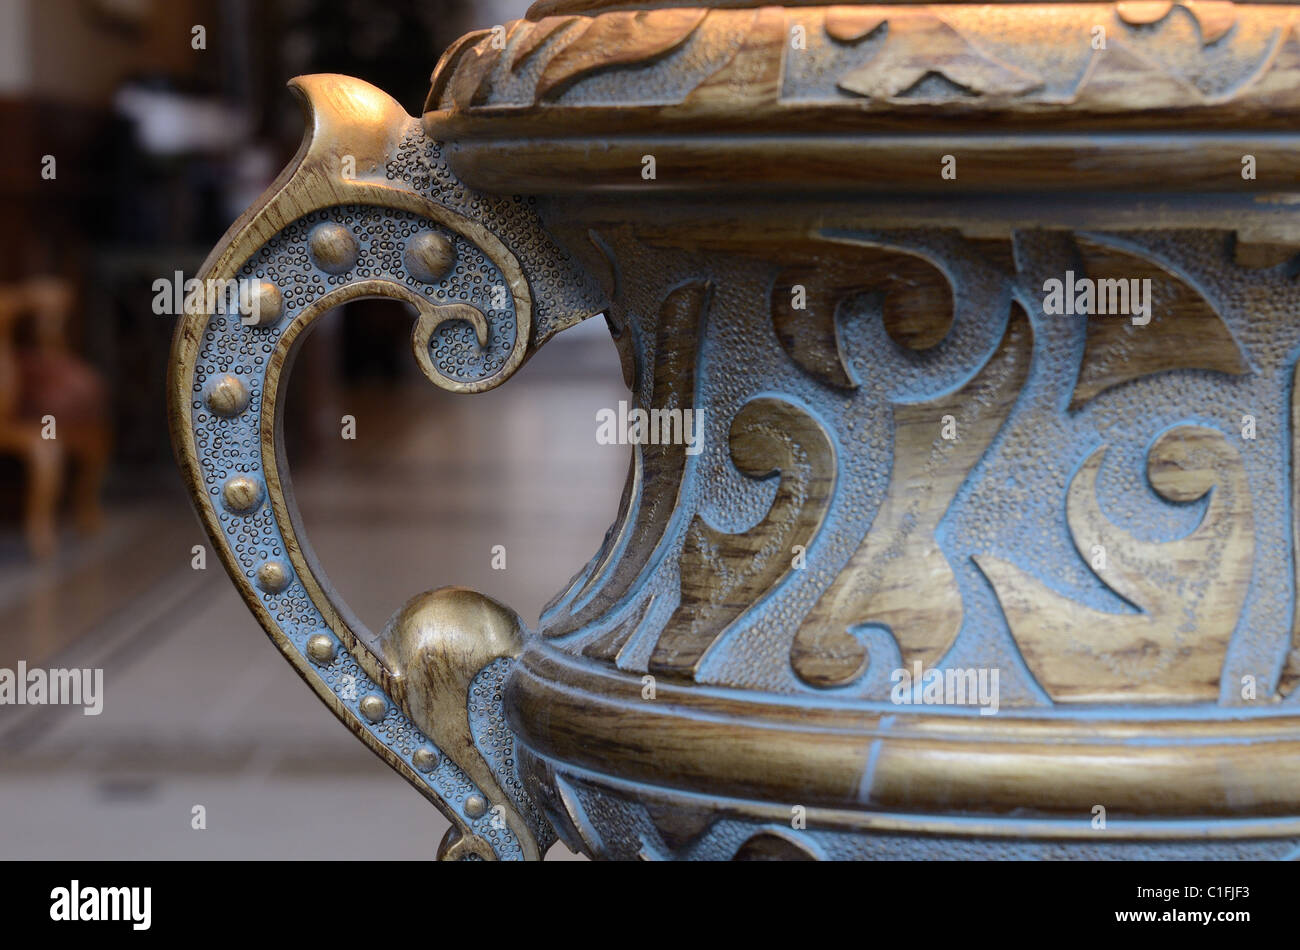 Lámpara ornamental detalle en un vestíbulo interior Imagen De Stock